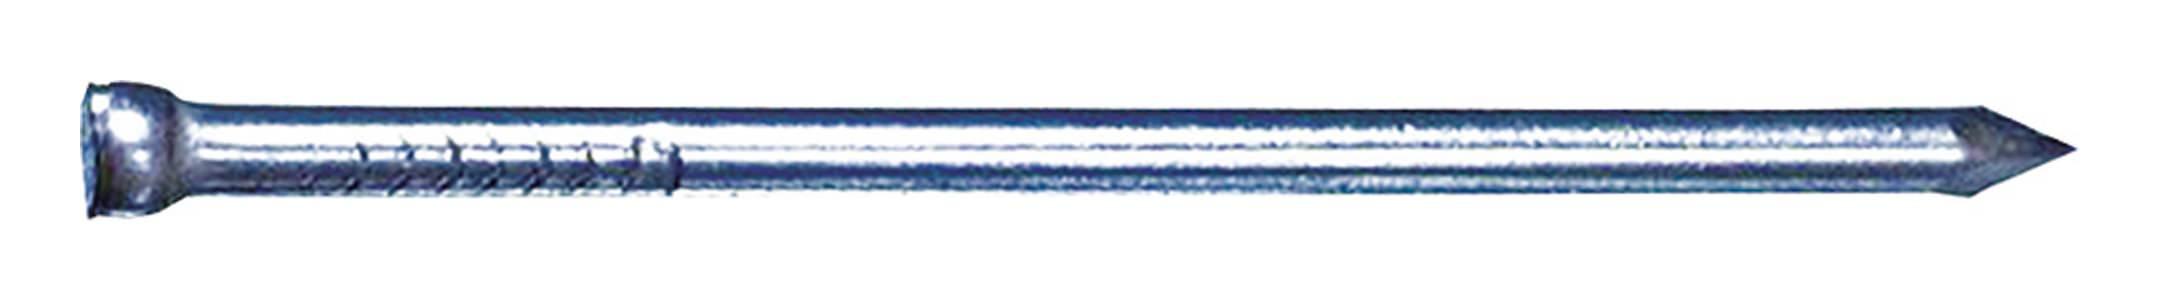 Drahtstift Stauchkopf 1,40mm x 25mm blank 1kg